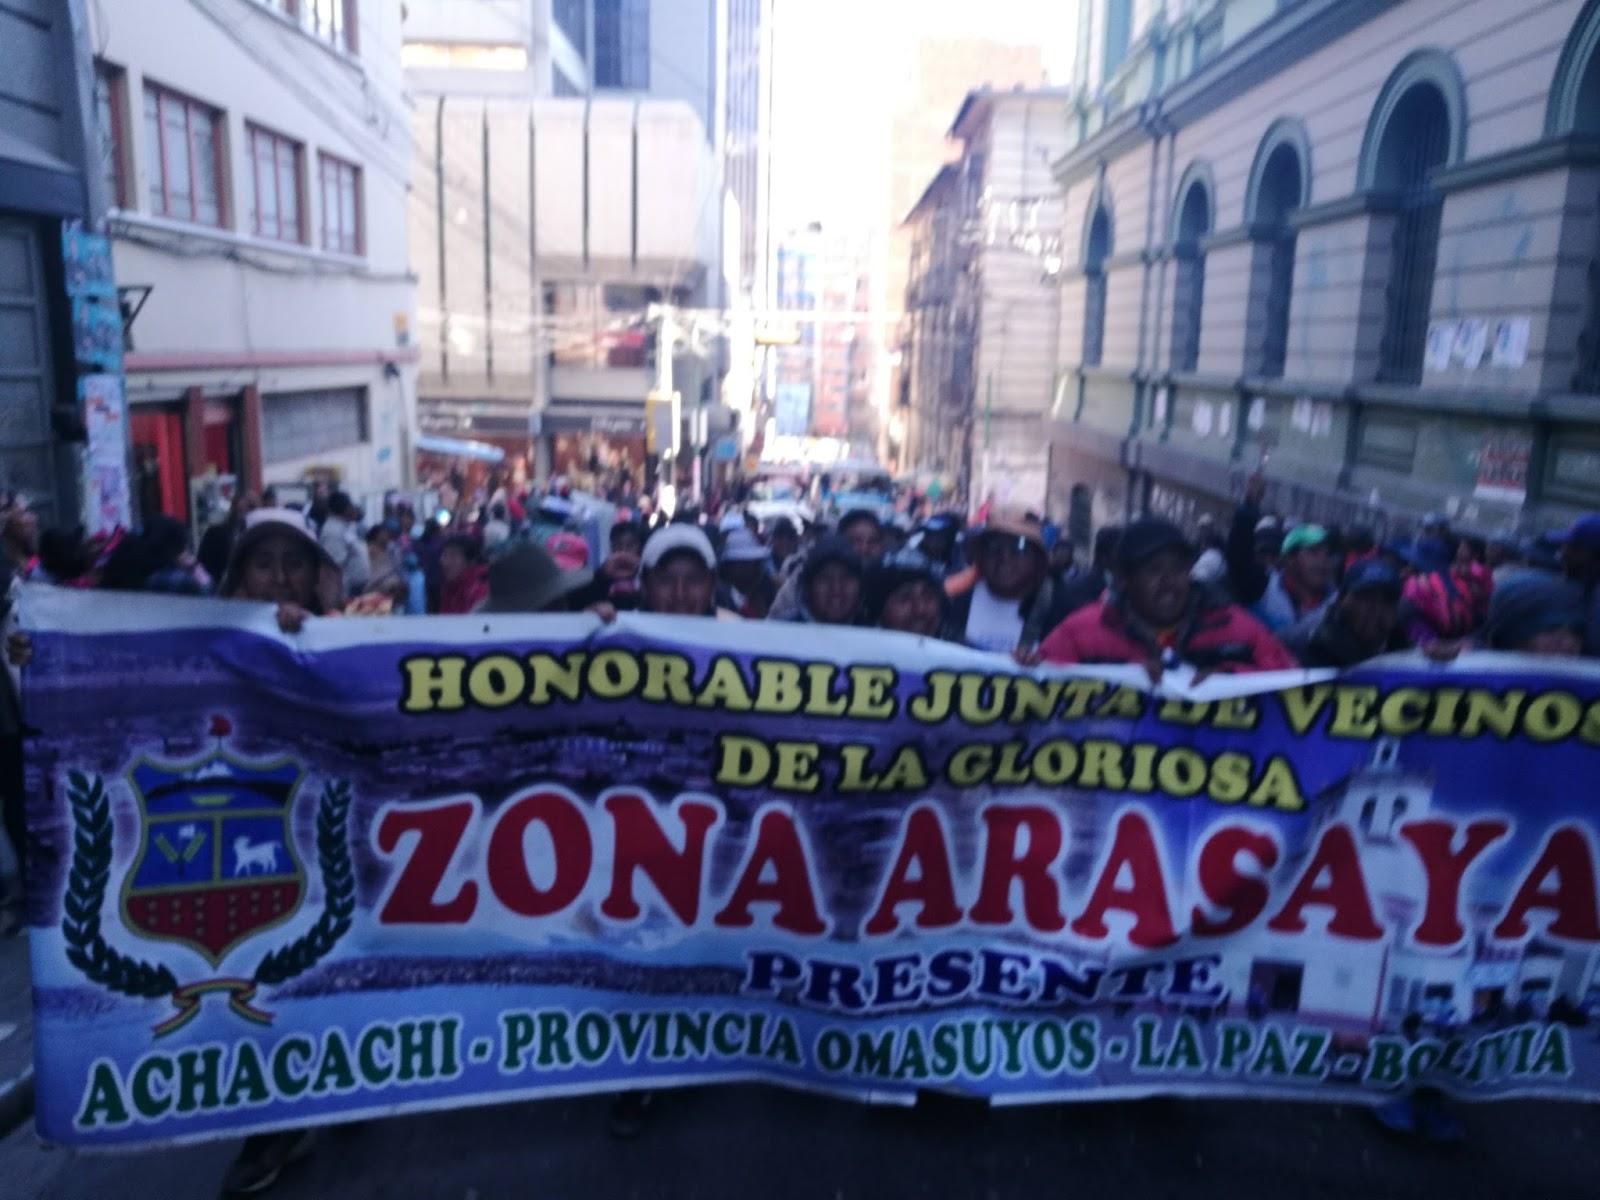 Comunarios de Achacachi estuvieron en La Paz desde el martes en aproximadamente 5 mil personas